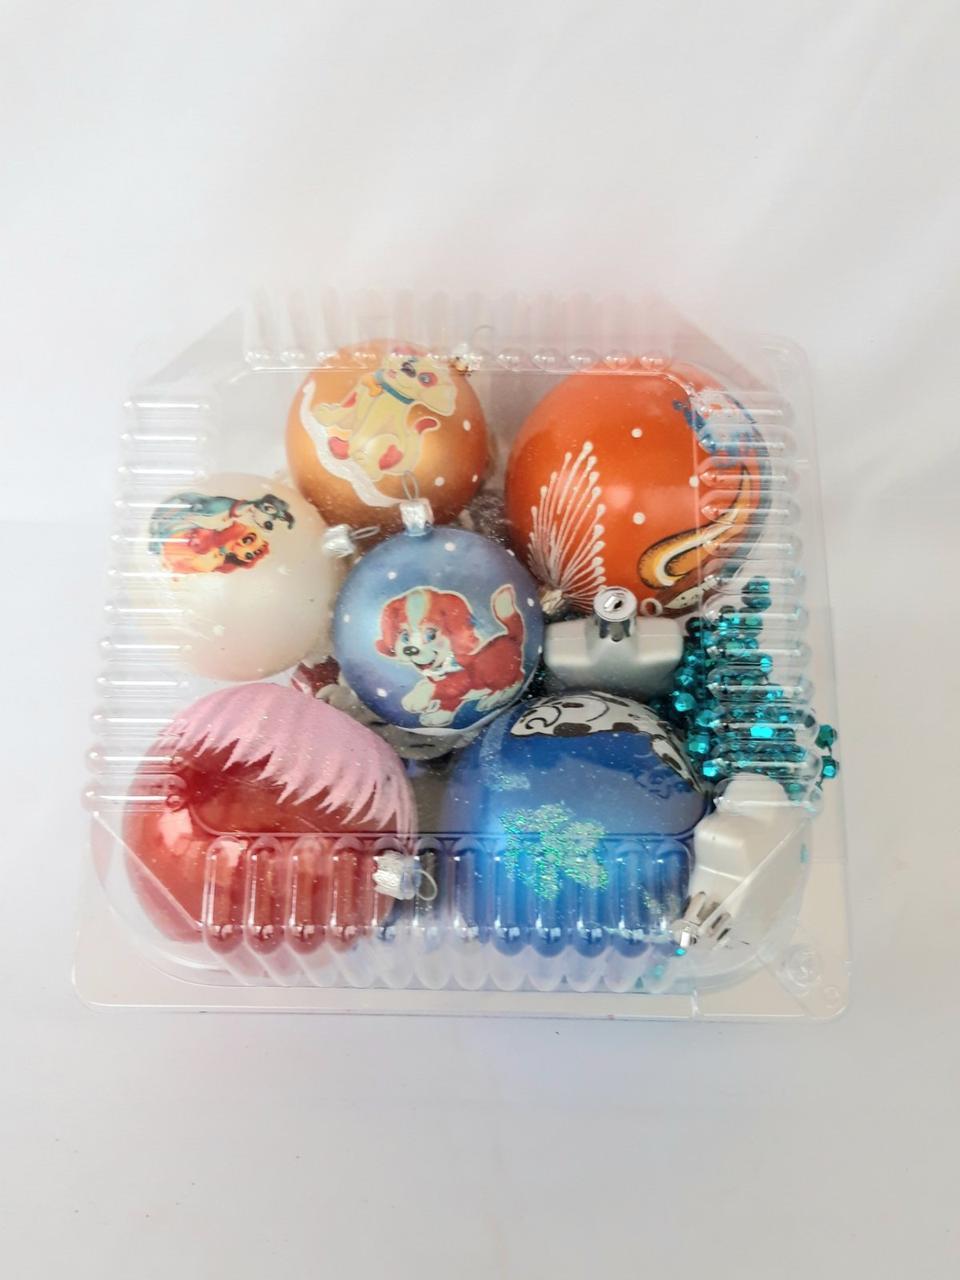 Елочные шары - набор (бусы, шары разного диаметра, снежинки и фигурки)